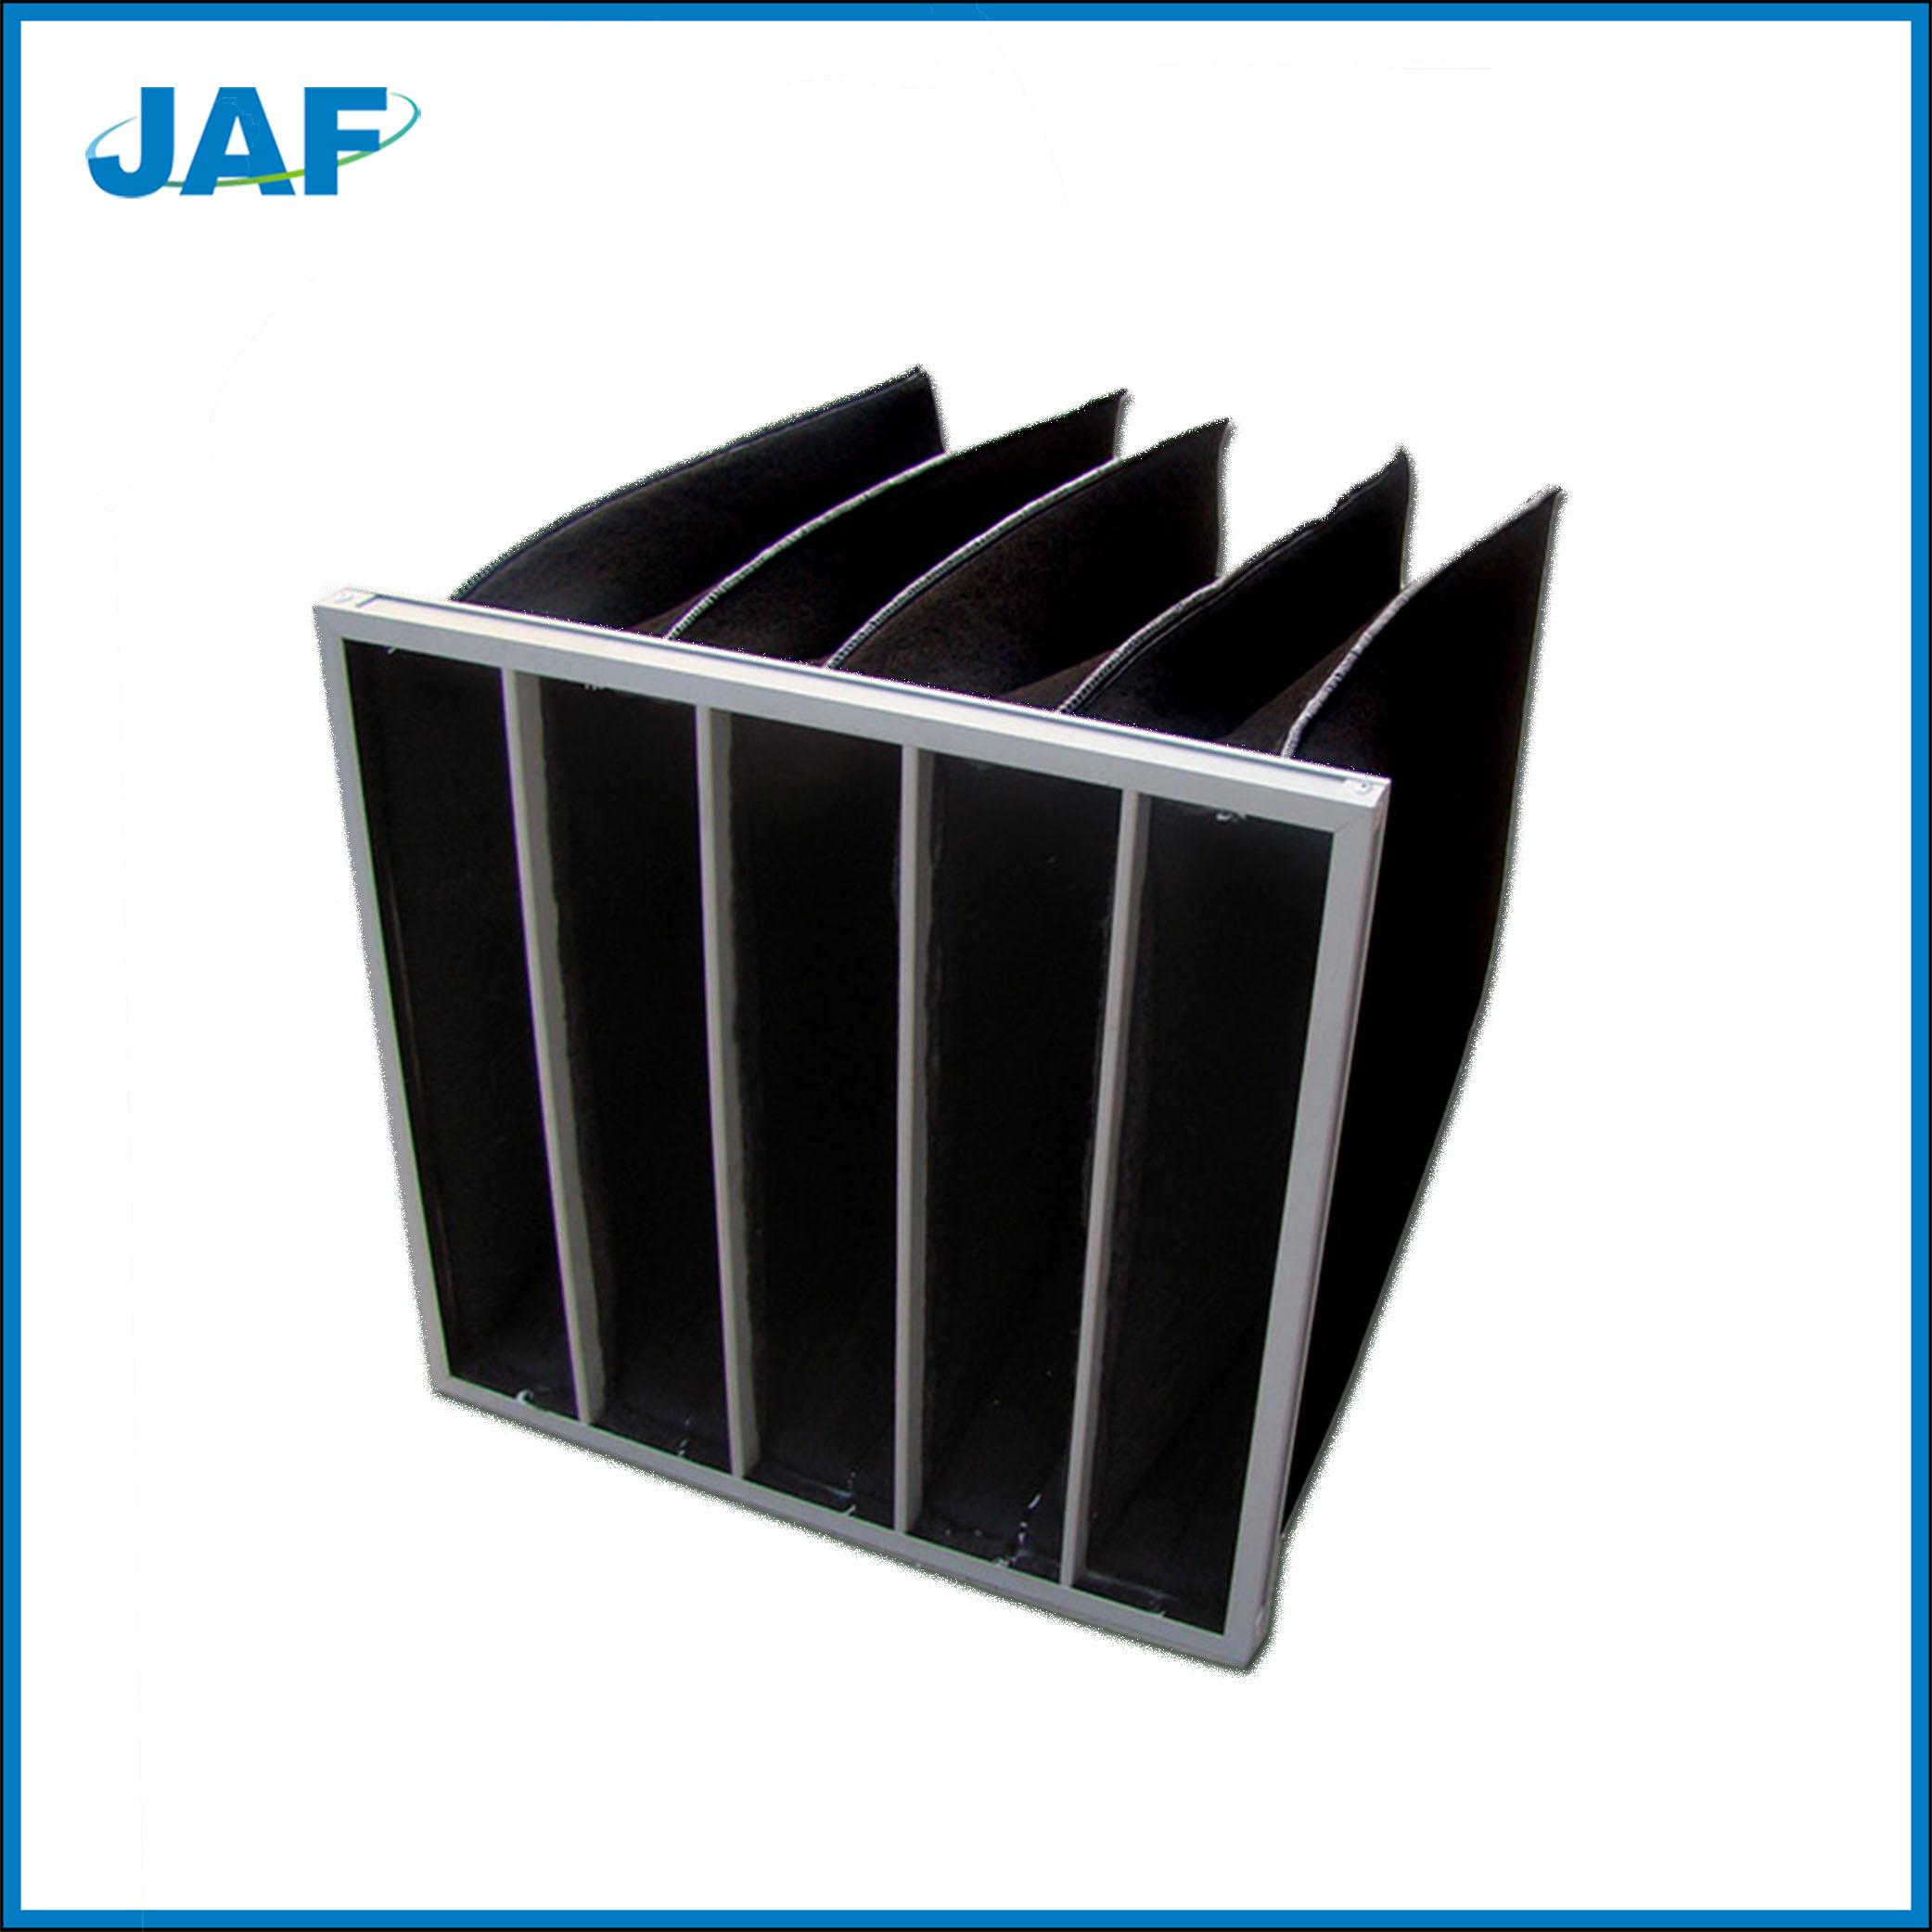 蜂窝活性炭过滤网和活性炭袋式过滤器的特点